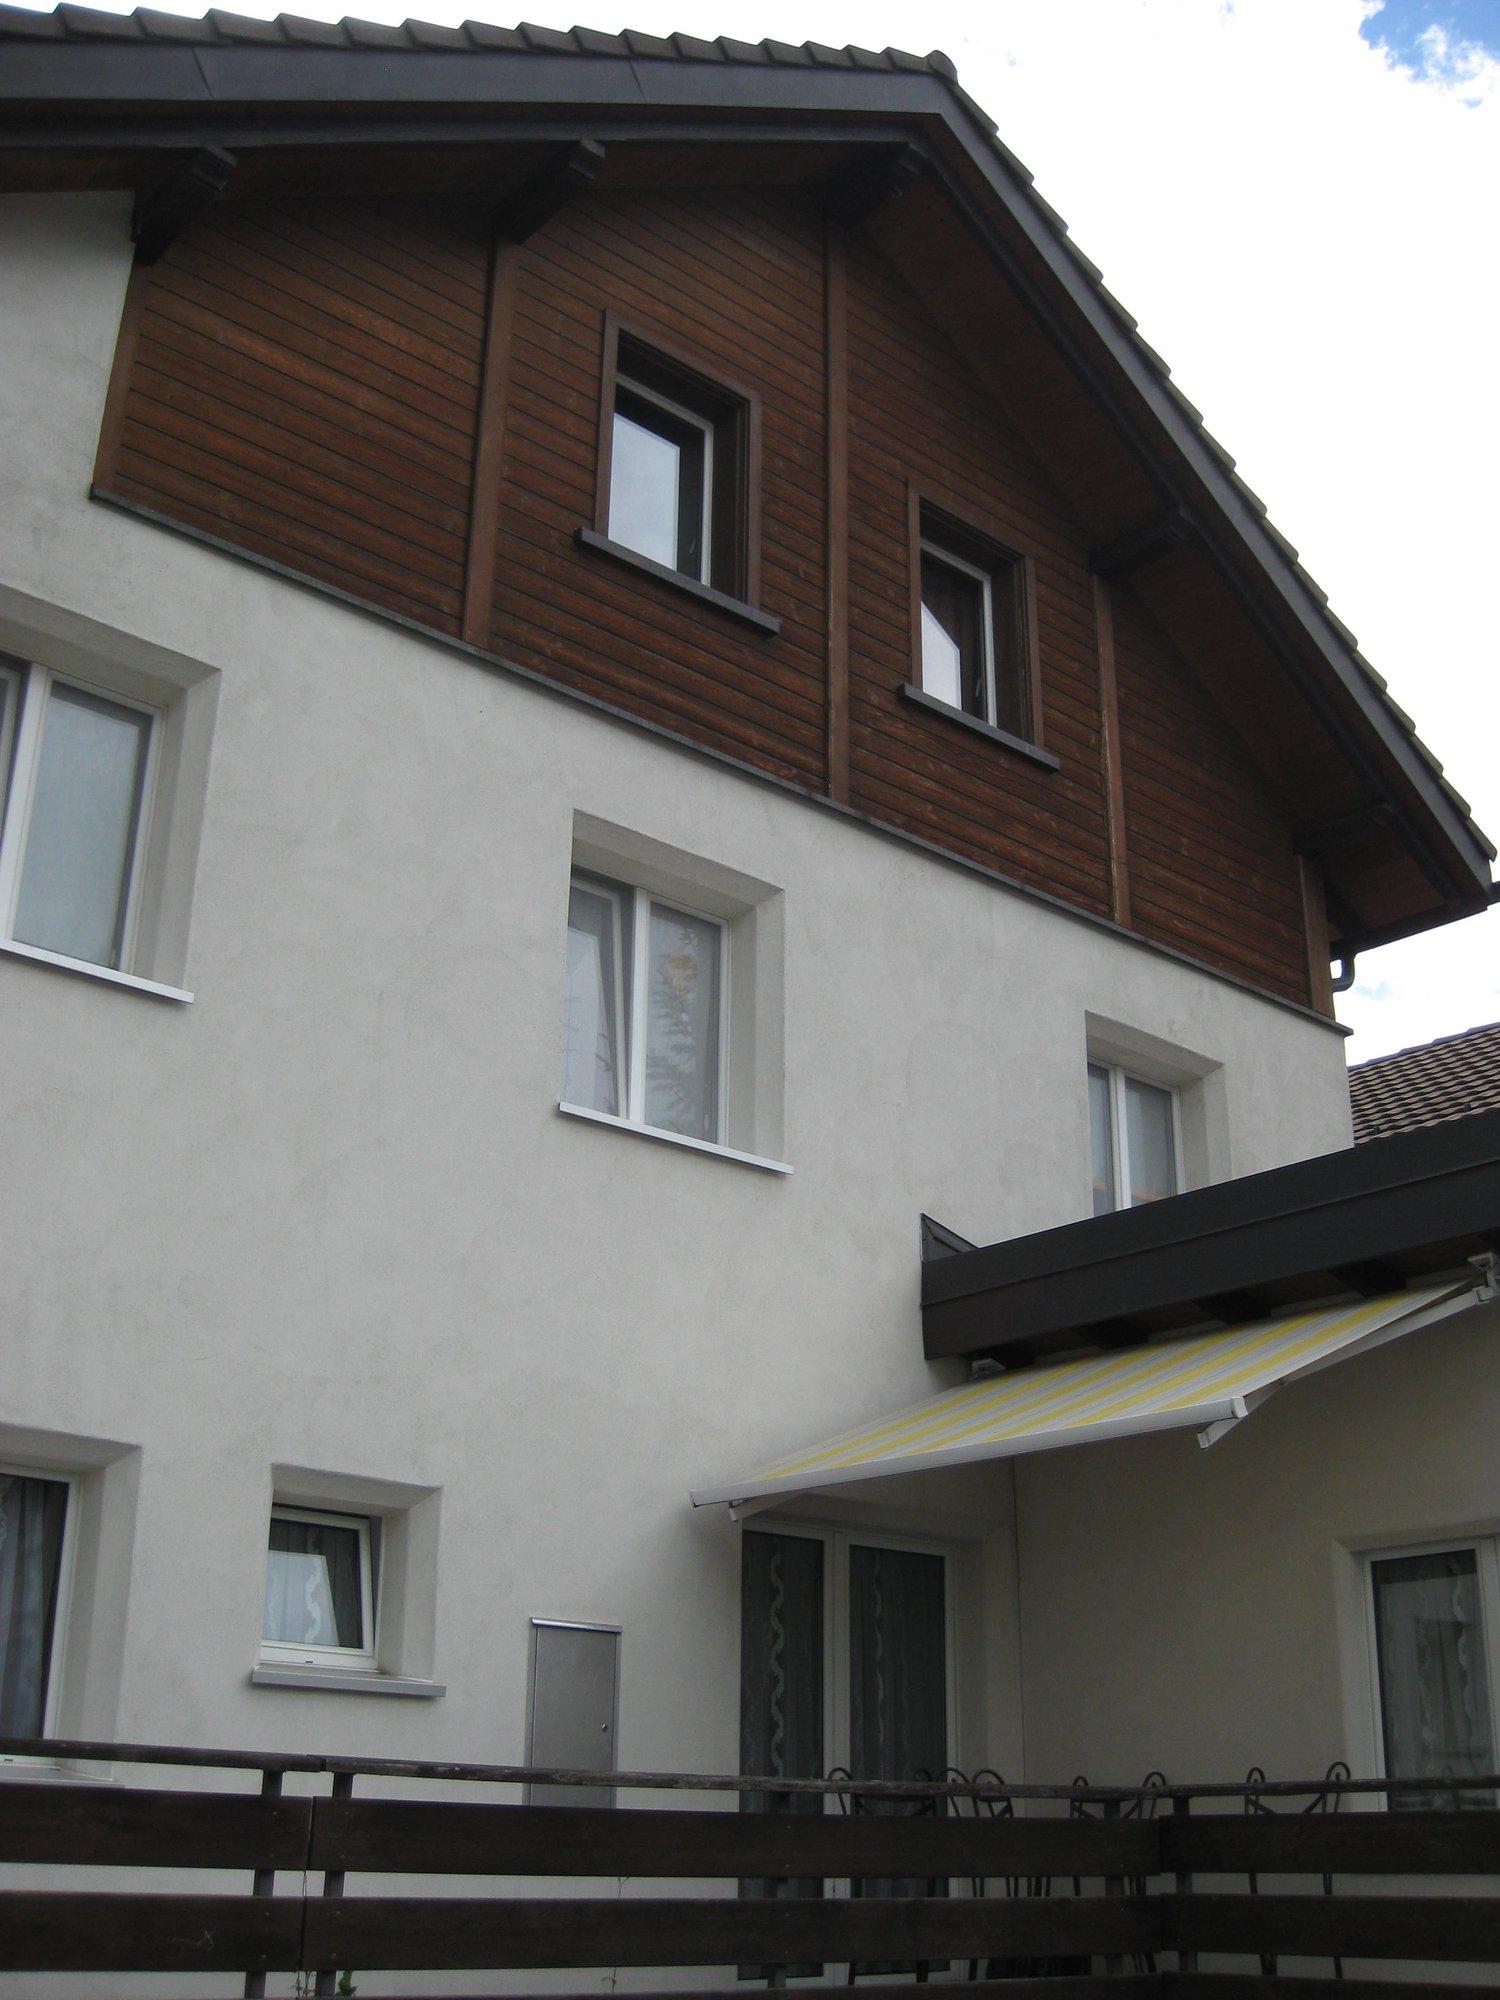 Kantonsstrasse 100